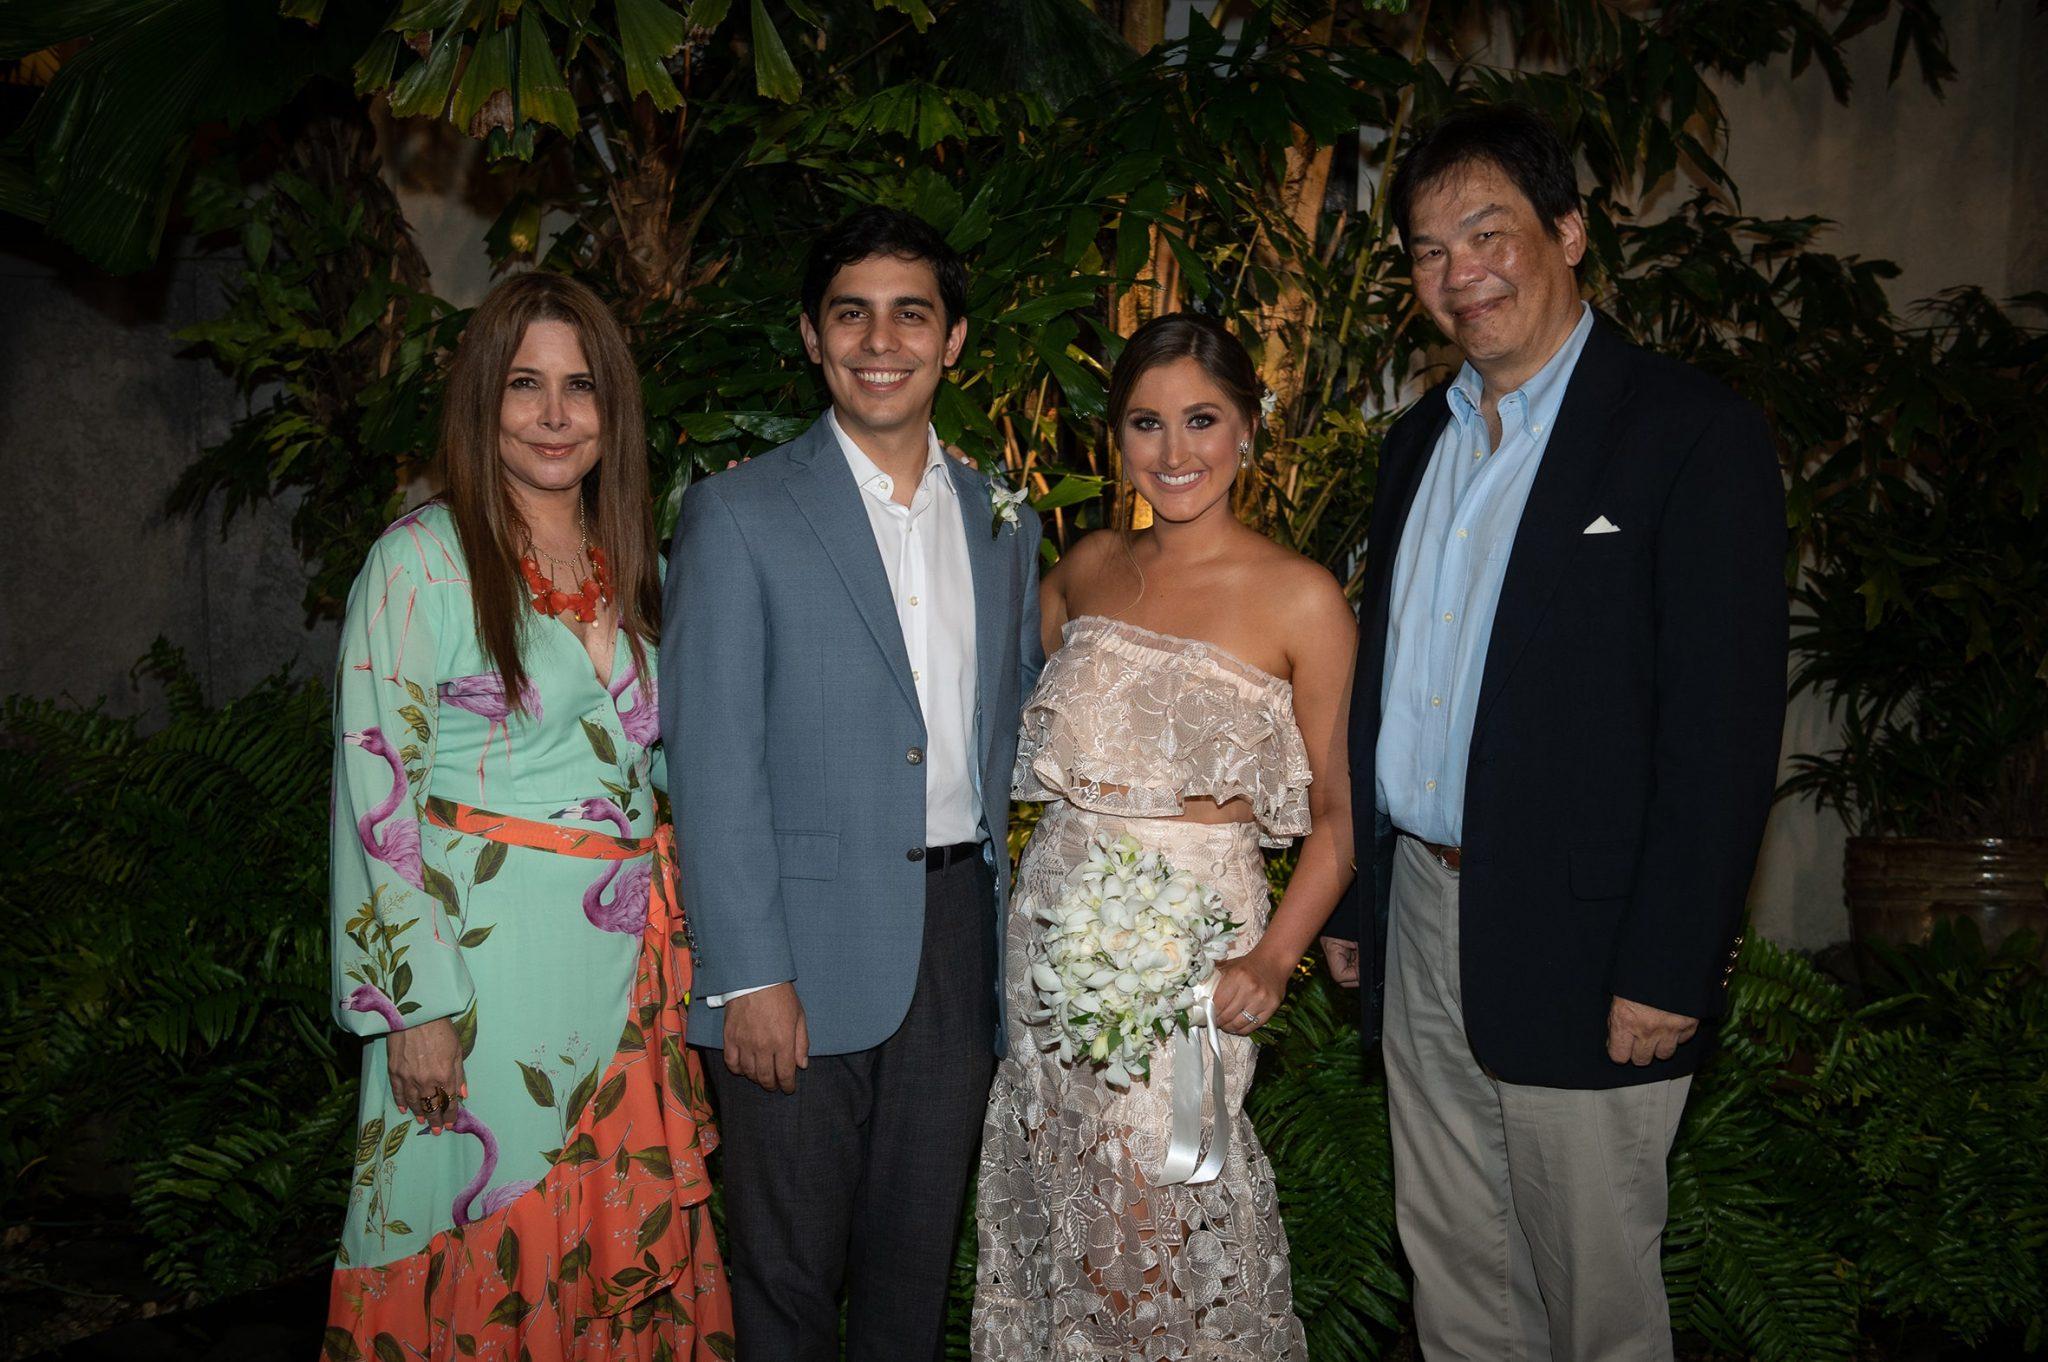 EVENTOS SOCIALES  | Enlace matrimonial entre Javier Yap y Carole Healy